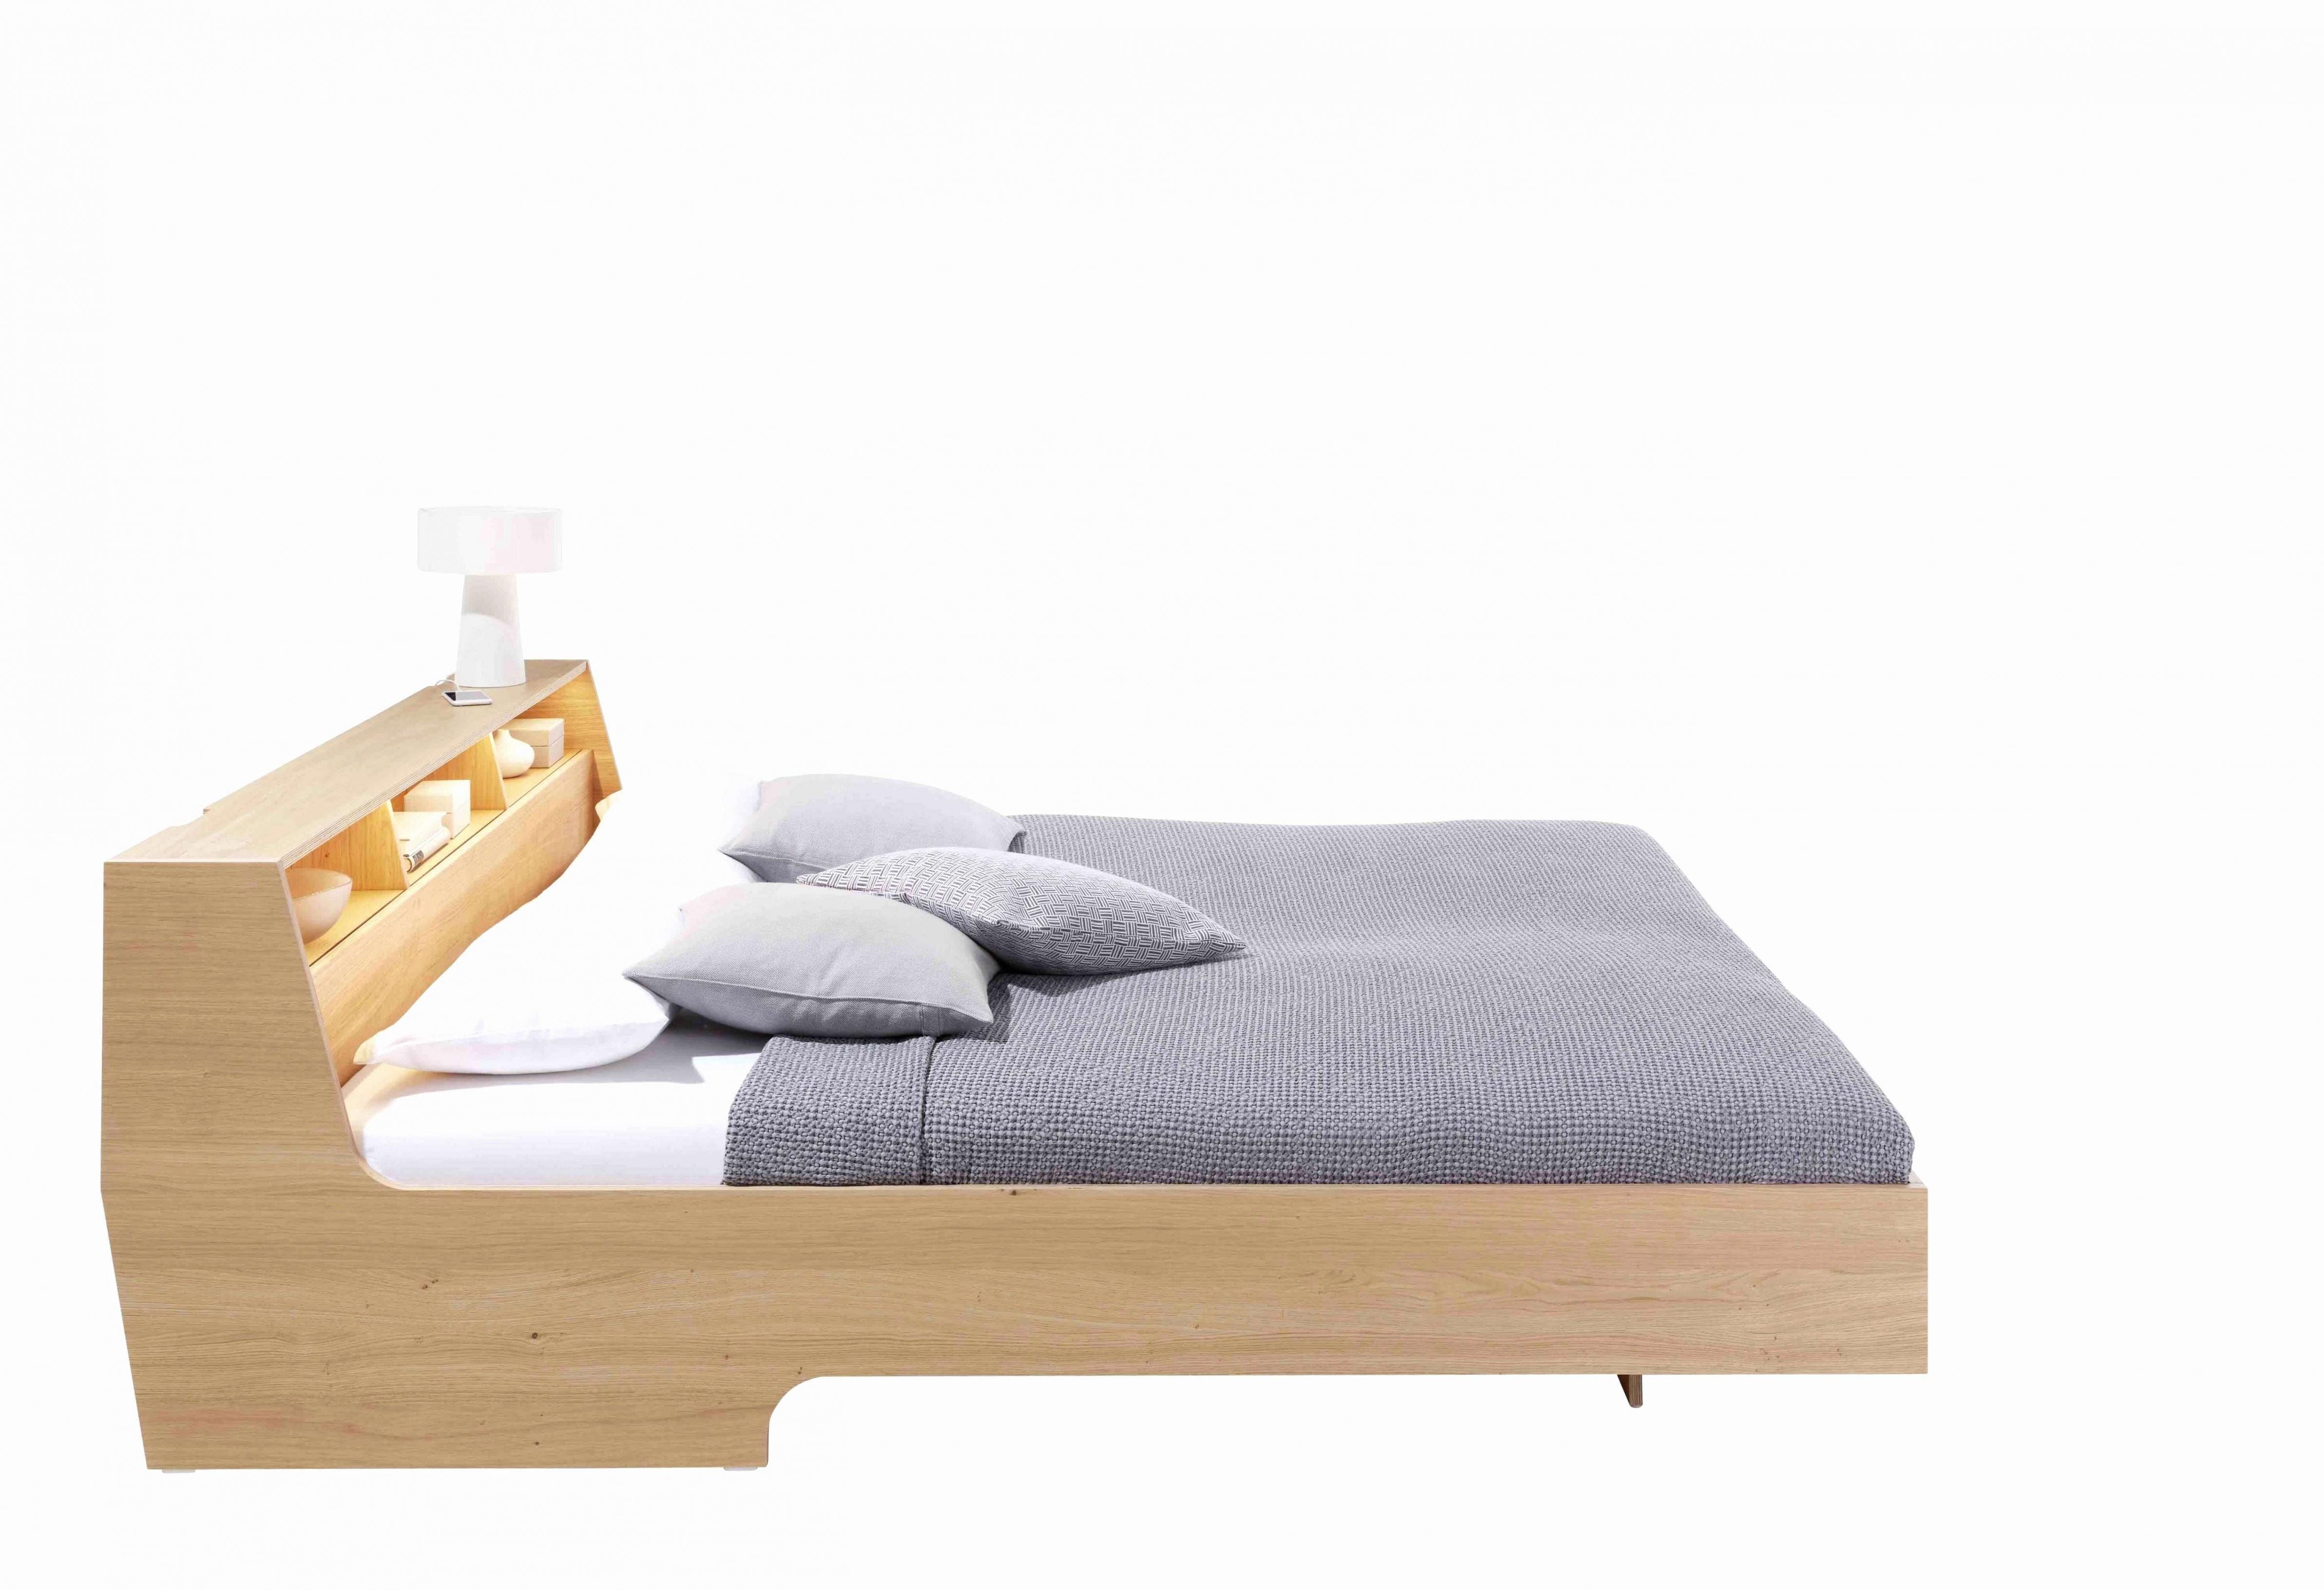 Bett Zum Ausziehen Lovely 50 Elegant Einzelbett Mit Schubladen von Bett Zum Ausziehen Mit Schubladen Bild